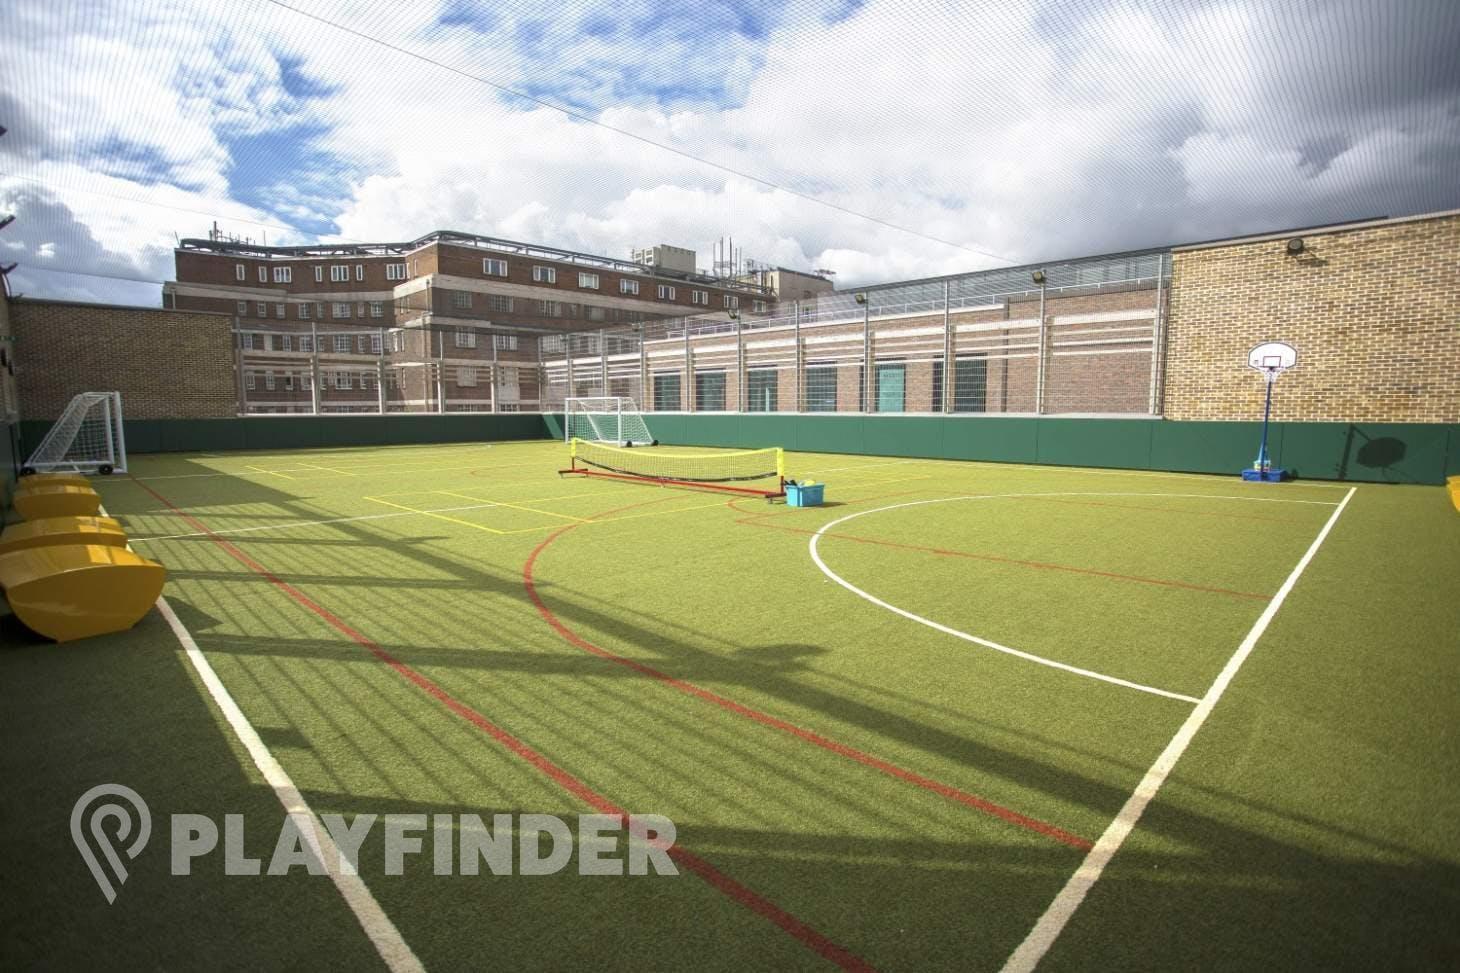 Marlborough Primary School 6 a side | 3G Astroturf football pitch